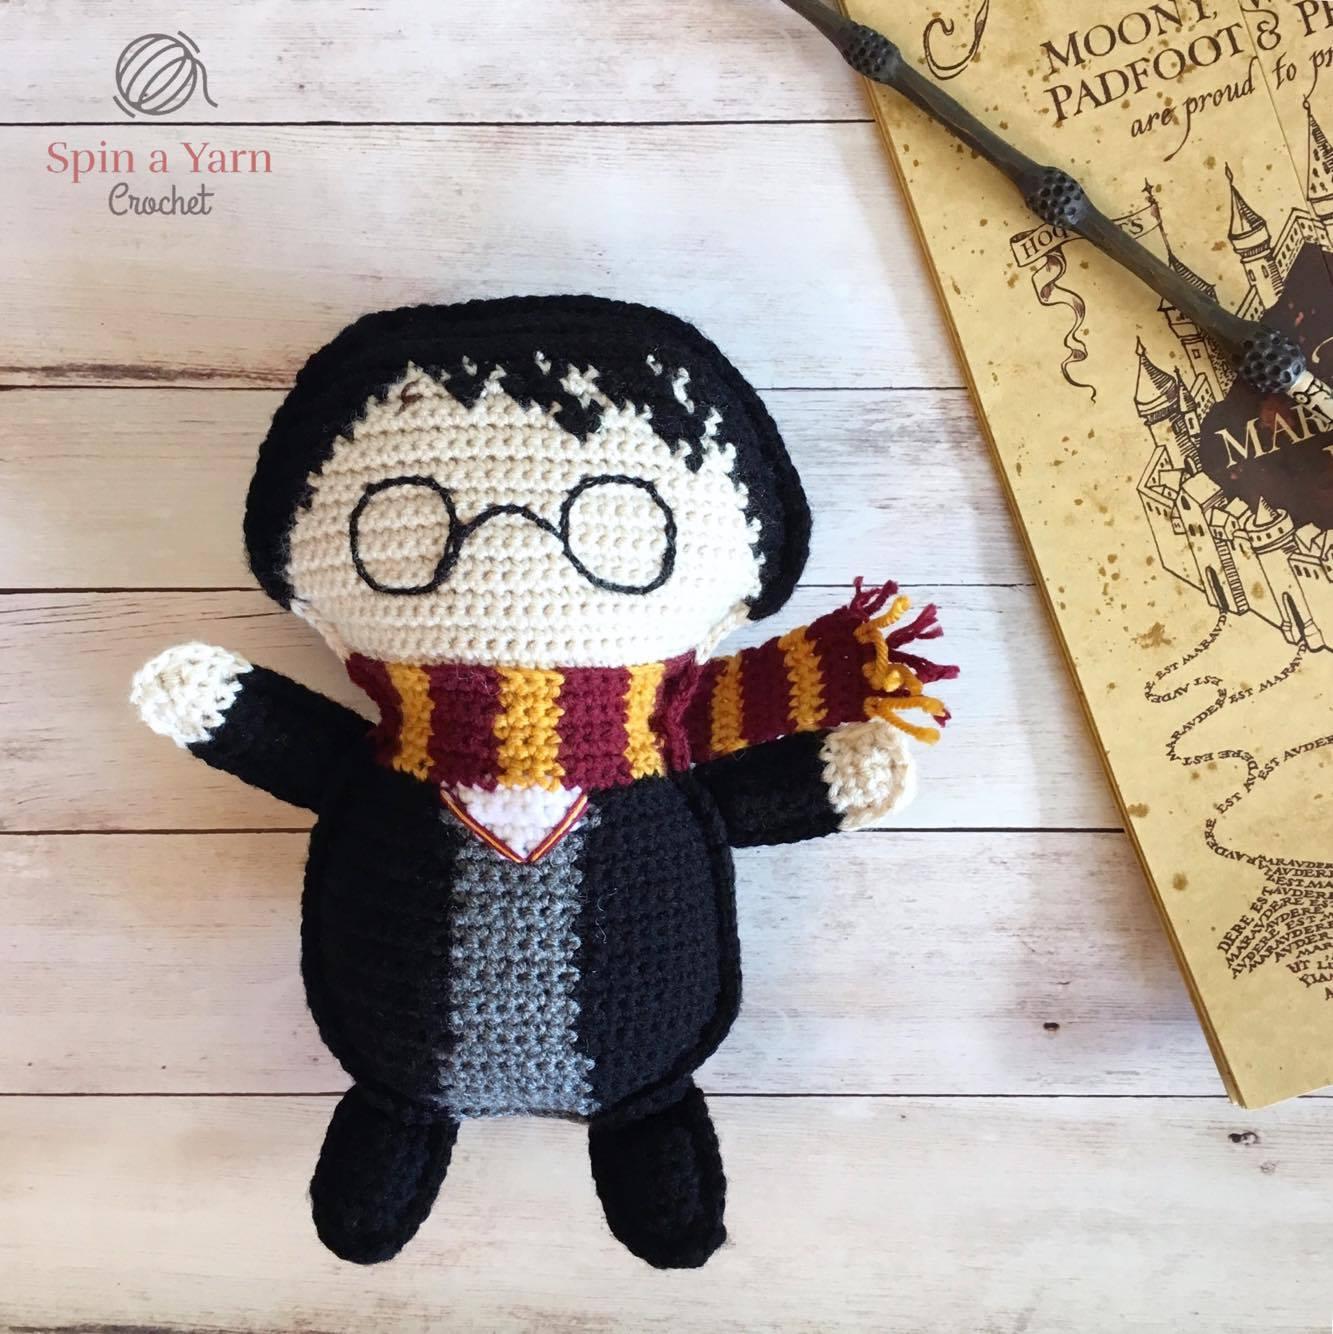 Ragdoll Harry Potter Free Crochet Pattern • Spin a Yarn ...